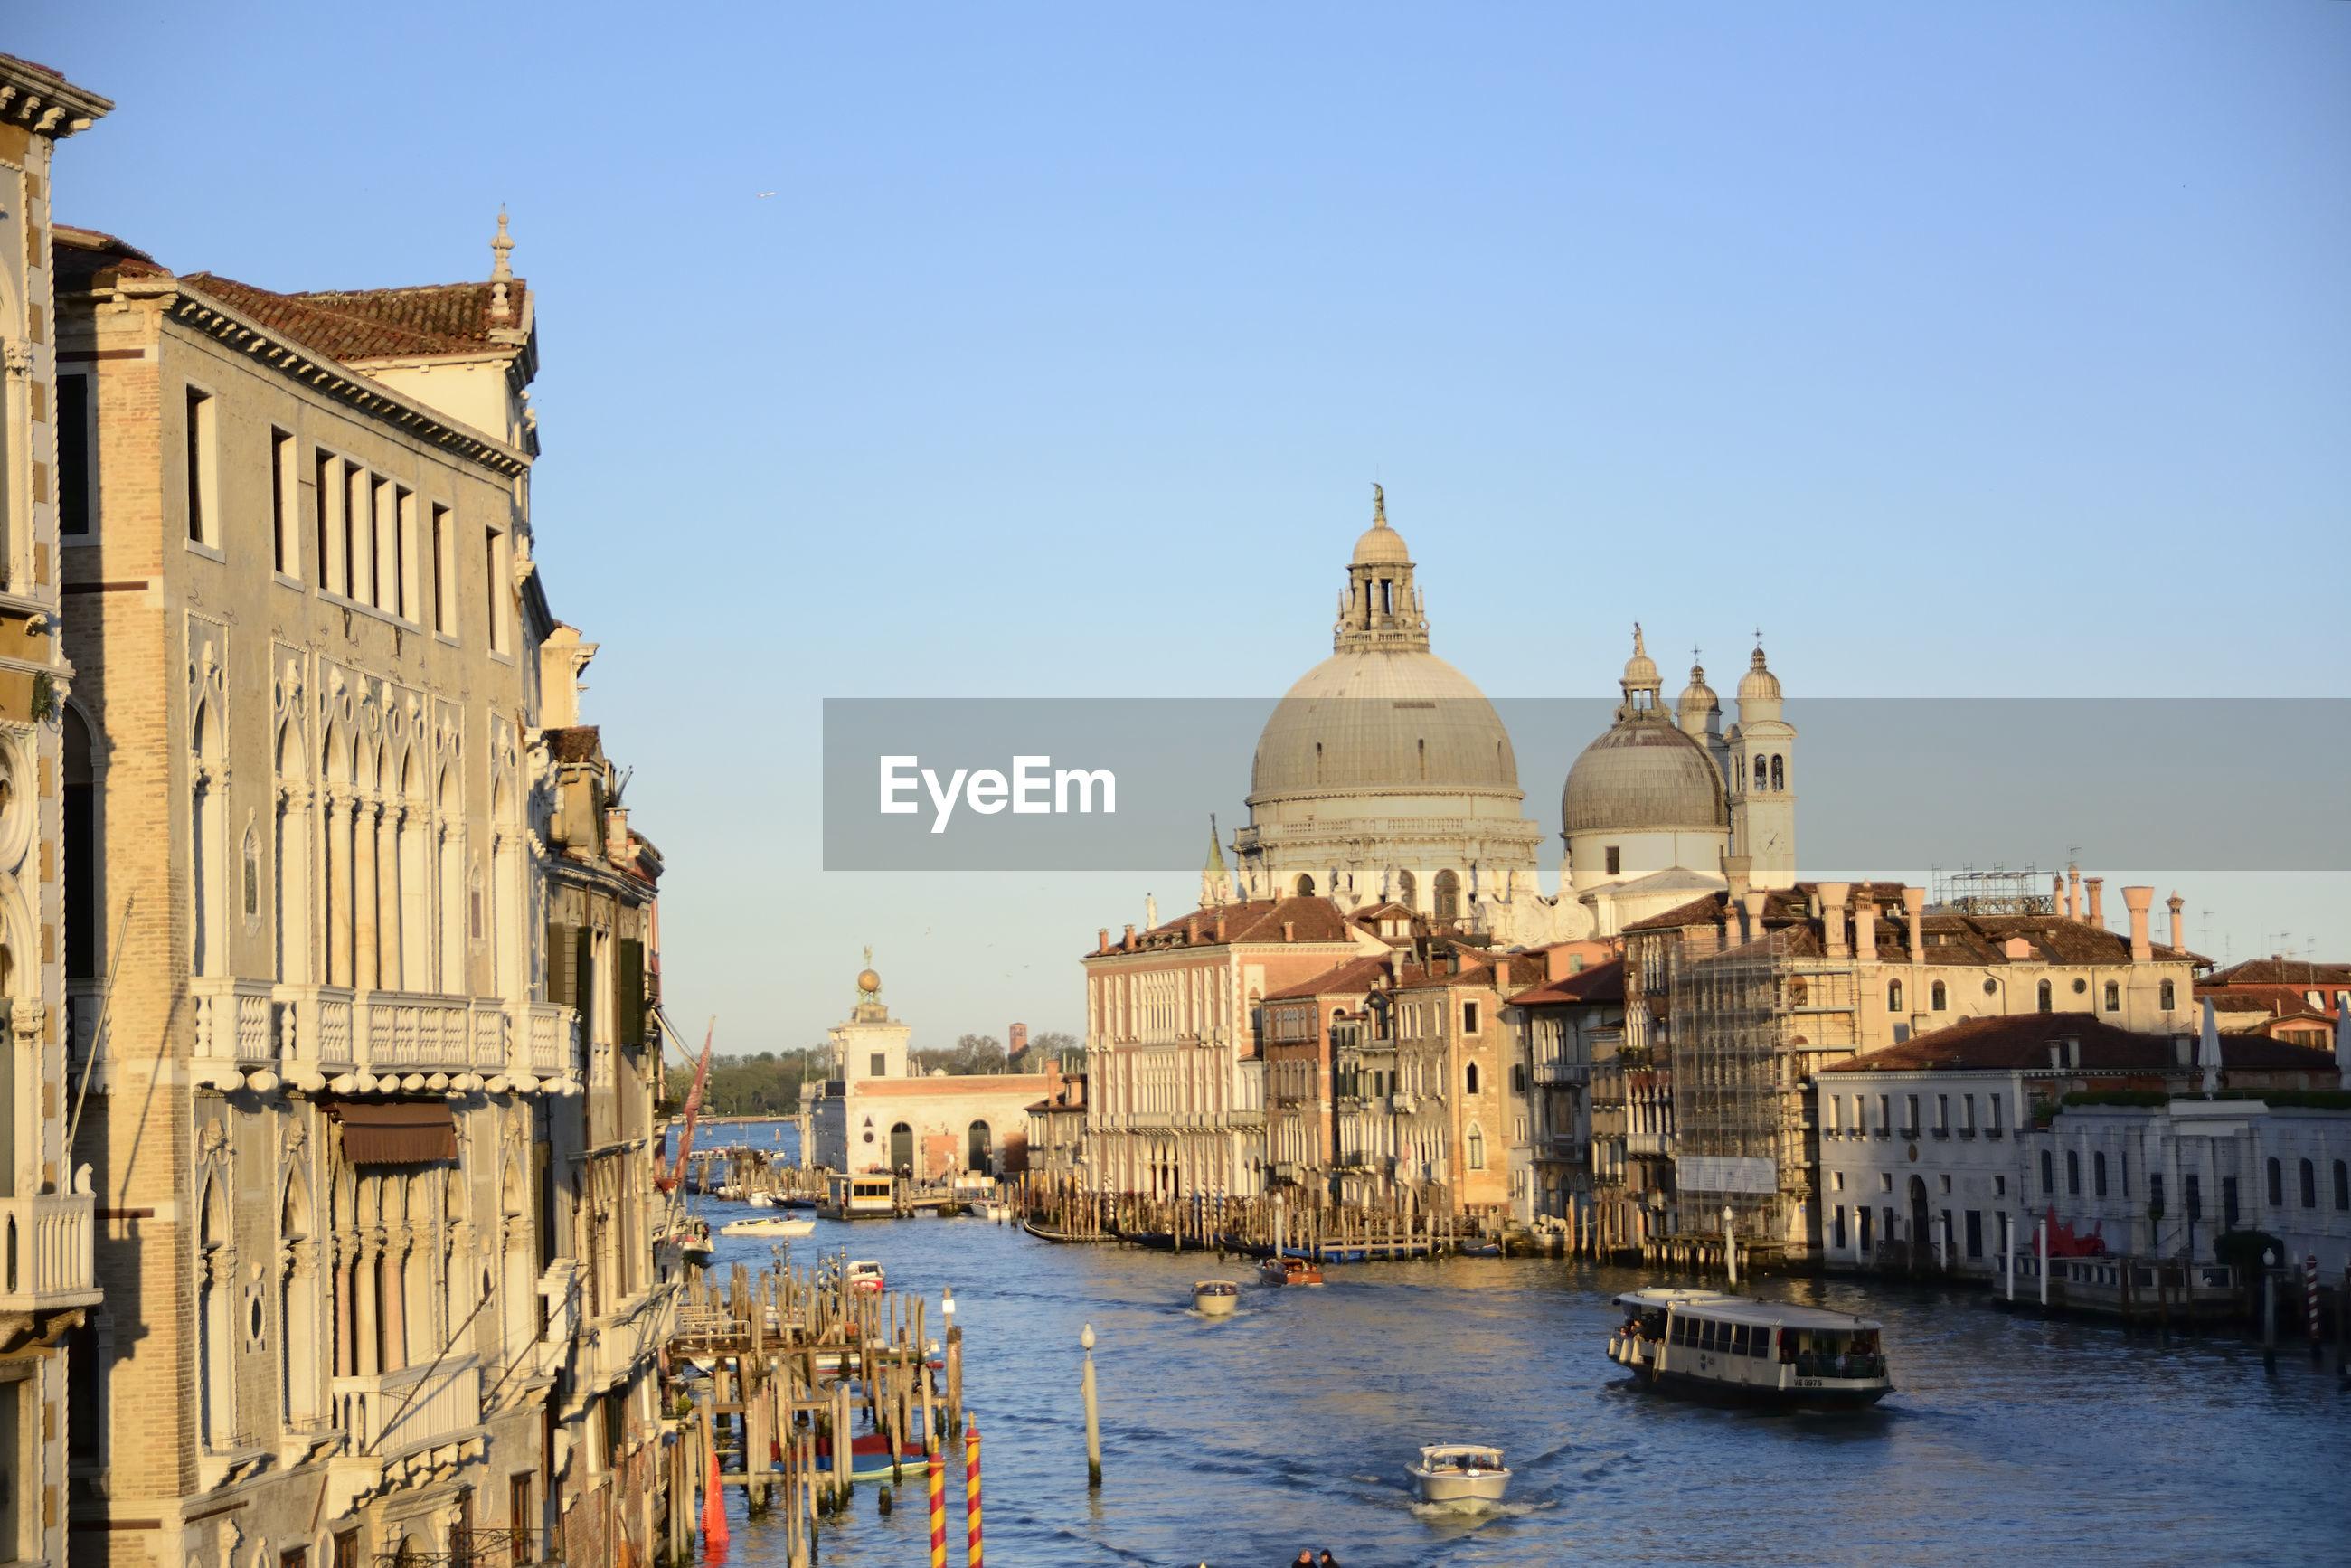 Santa maria della salute by grand canal in city